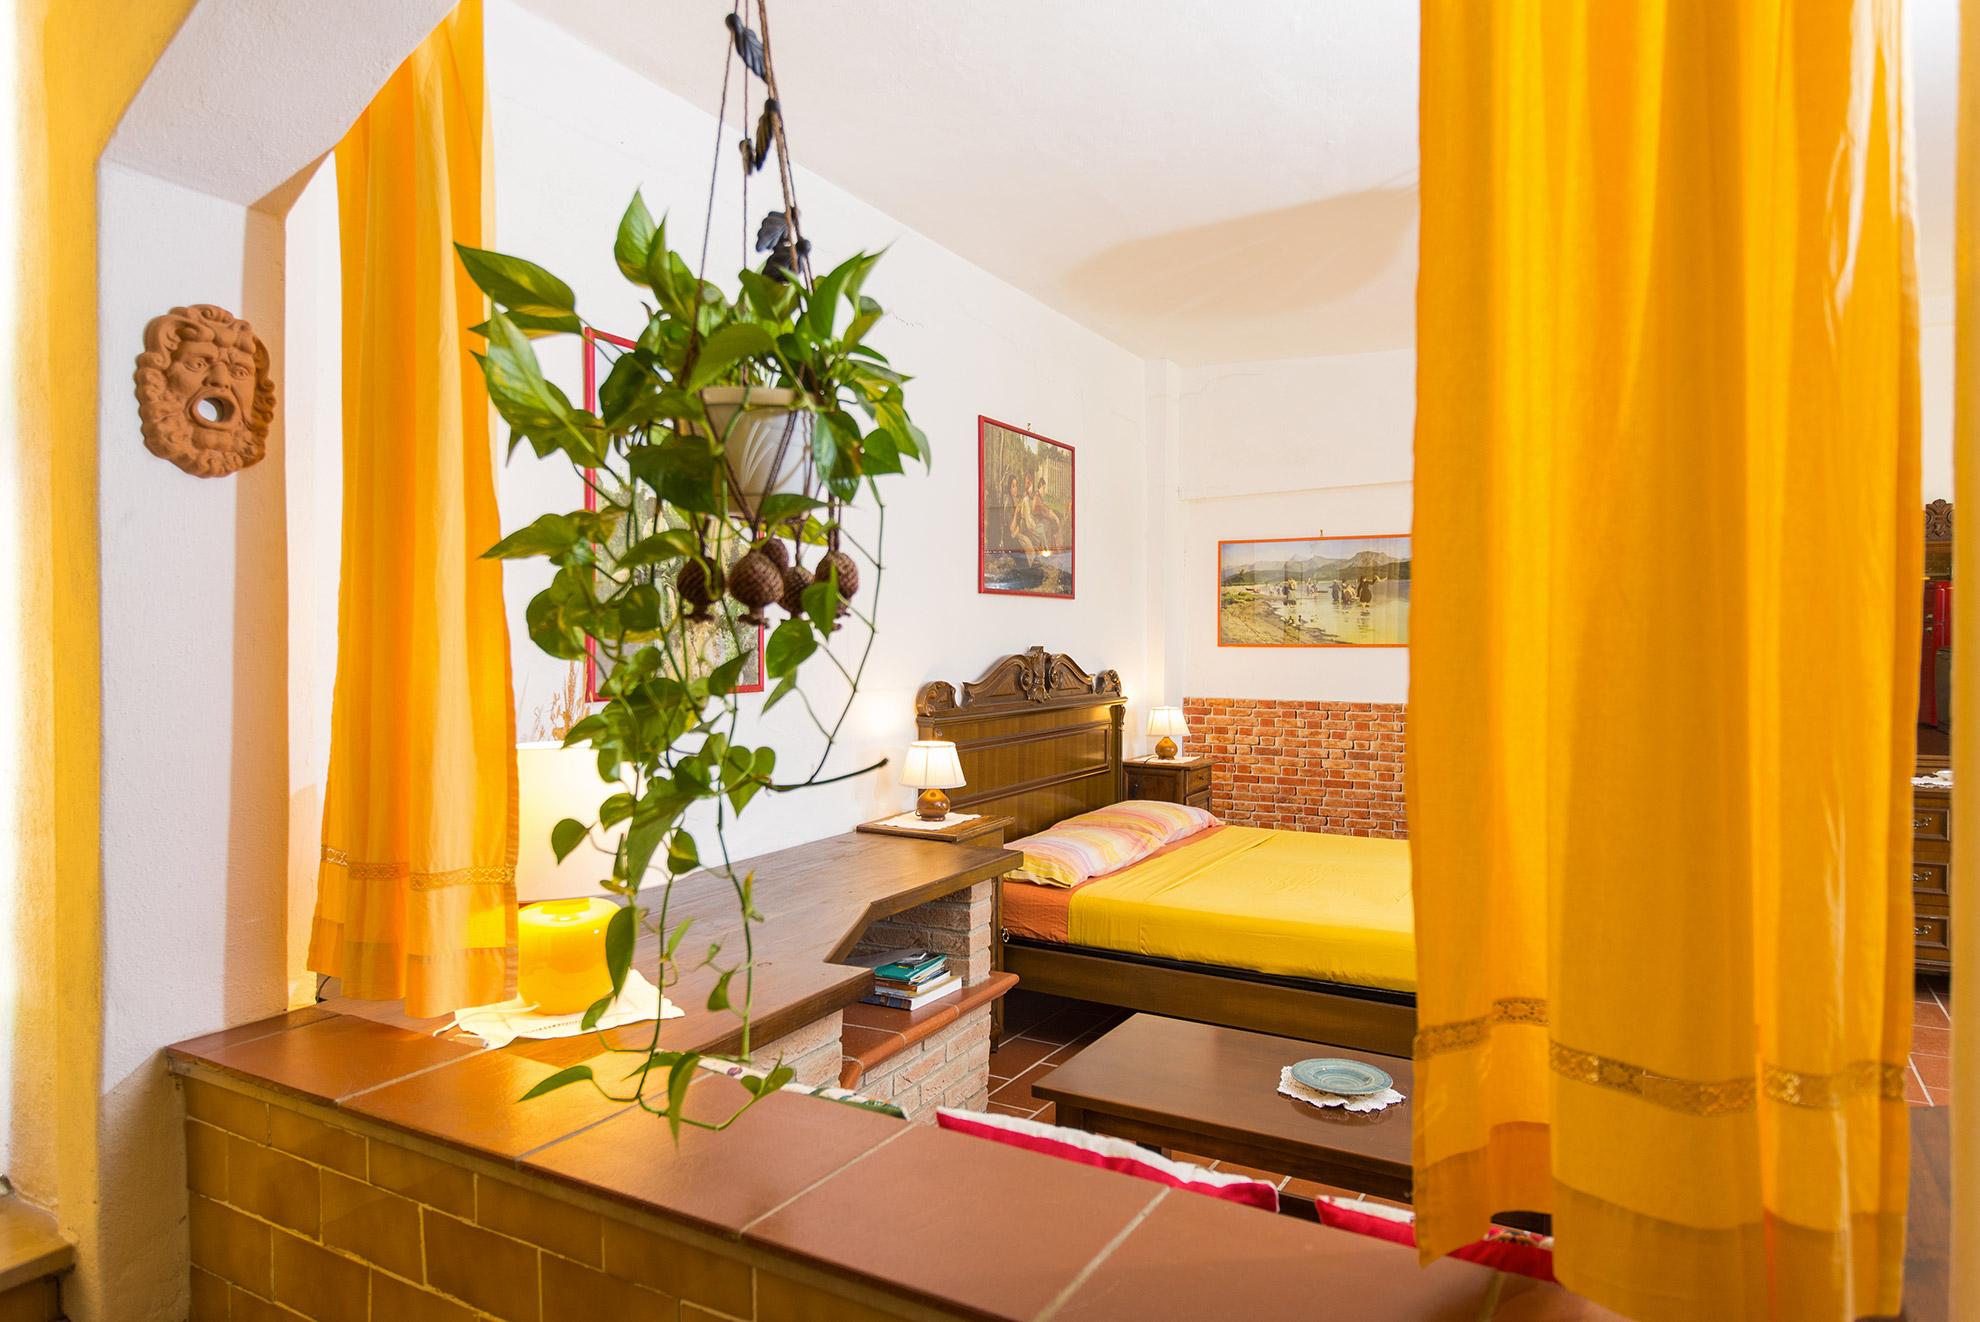 Ferienhaus Suvereto Casetta Grande 2